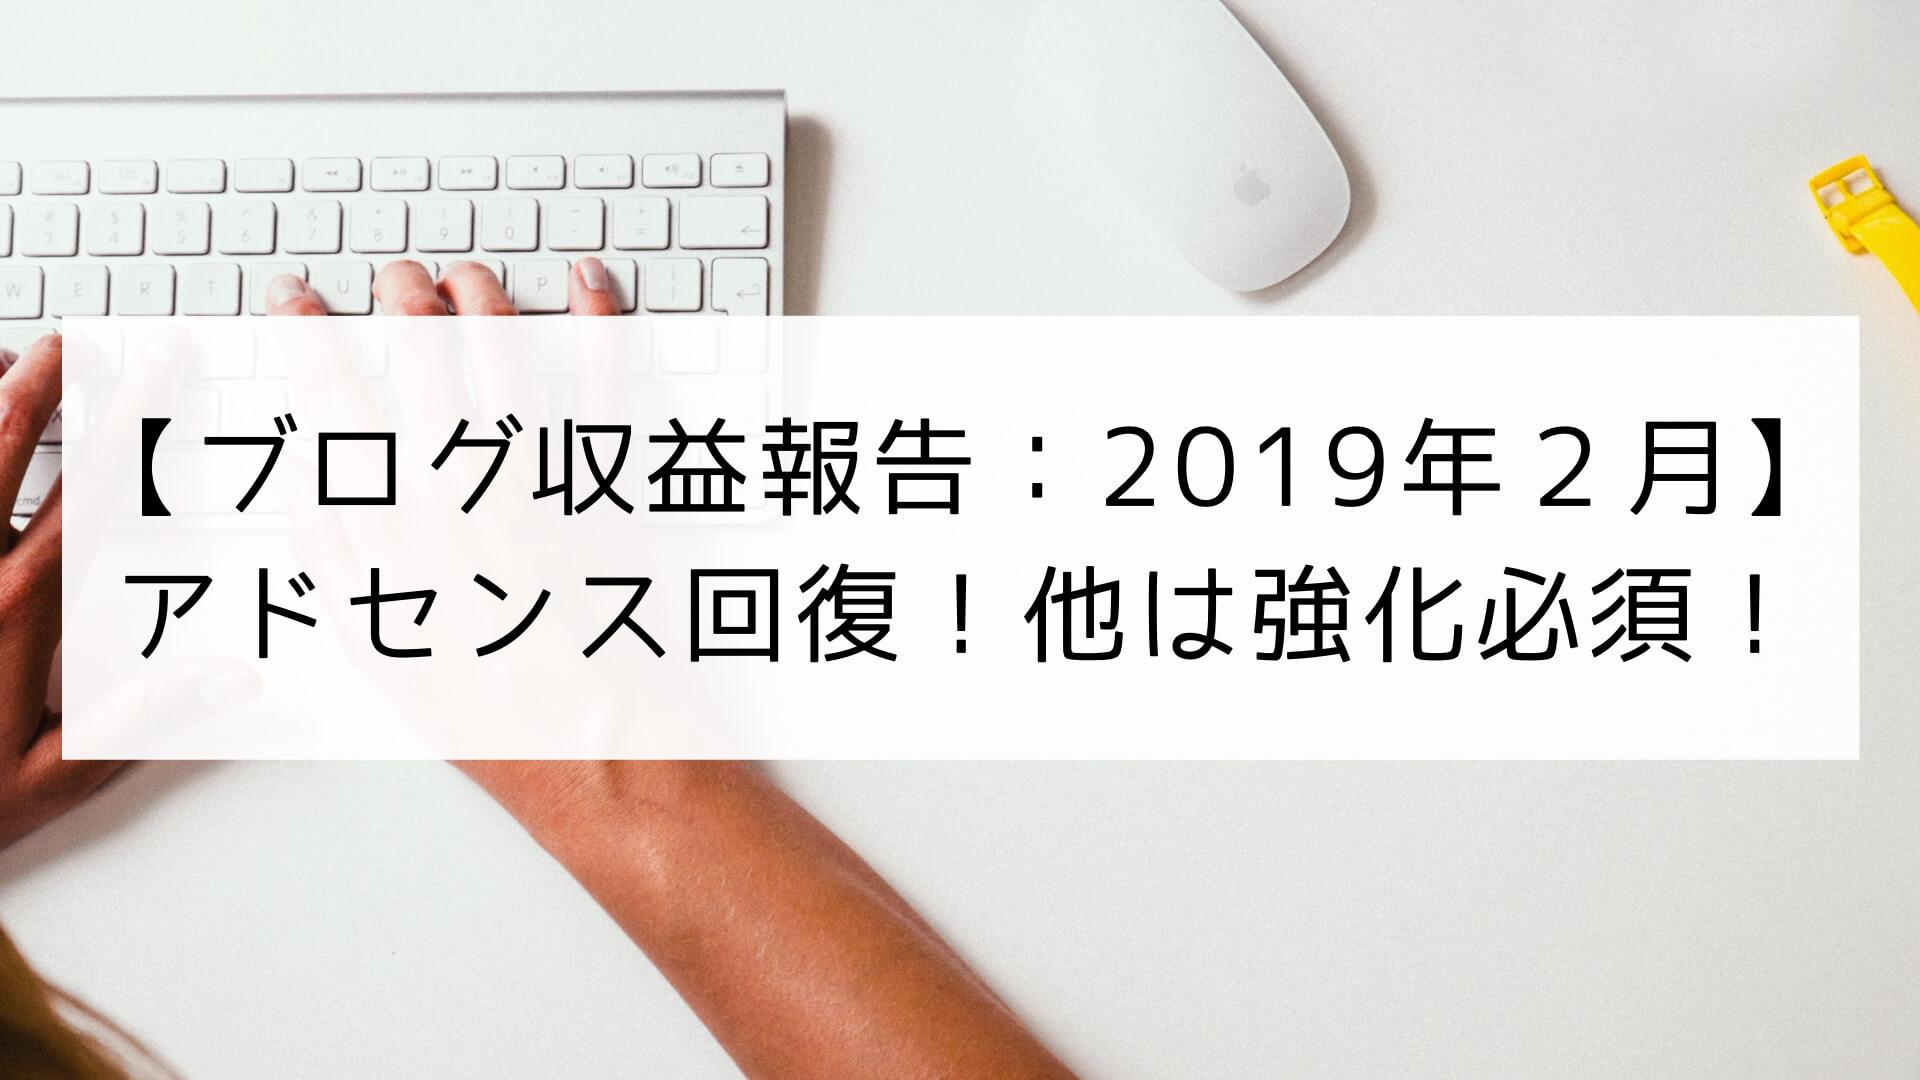 【ブログ(副業)収益報告】2019年2月はアドセンス回復!AmazonやASPの強化必須